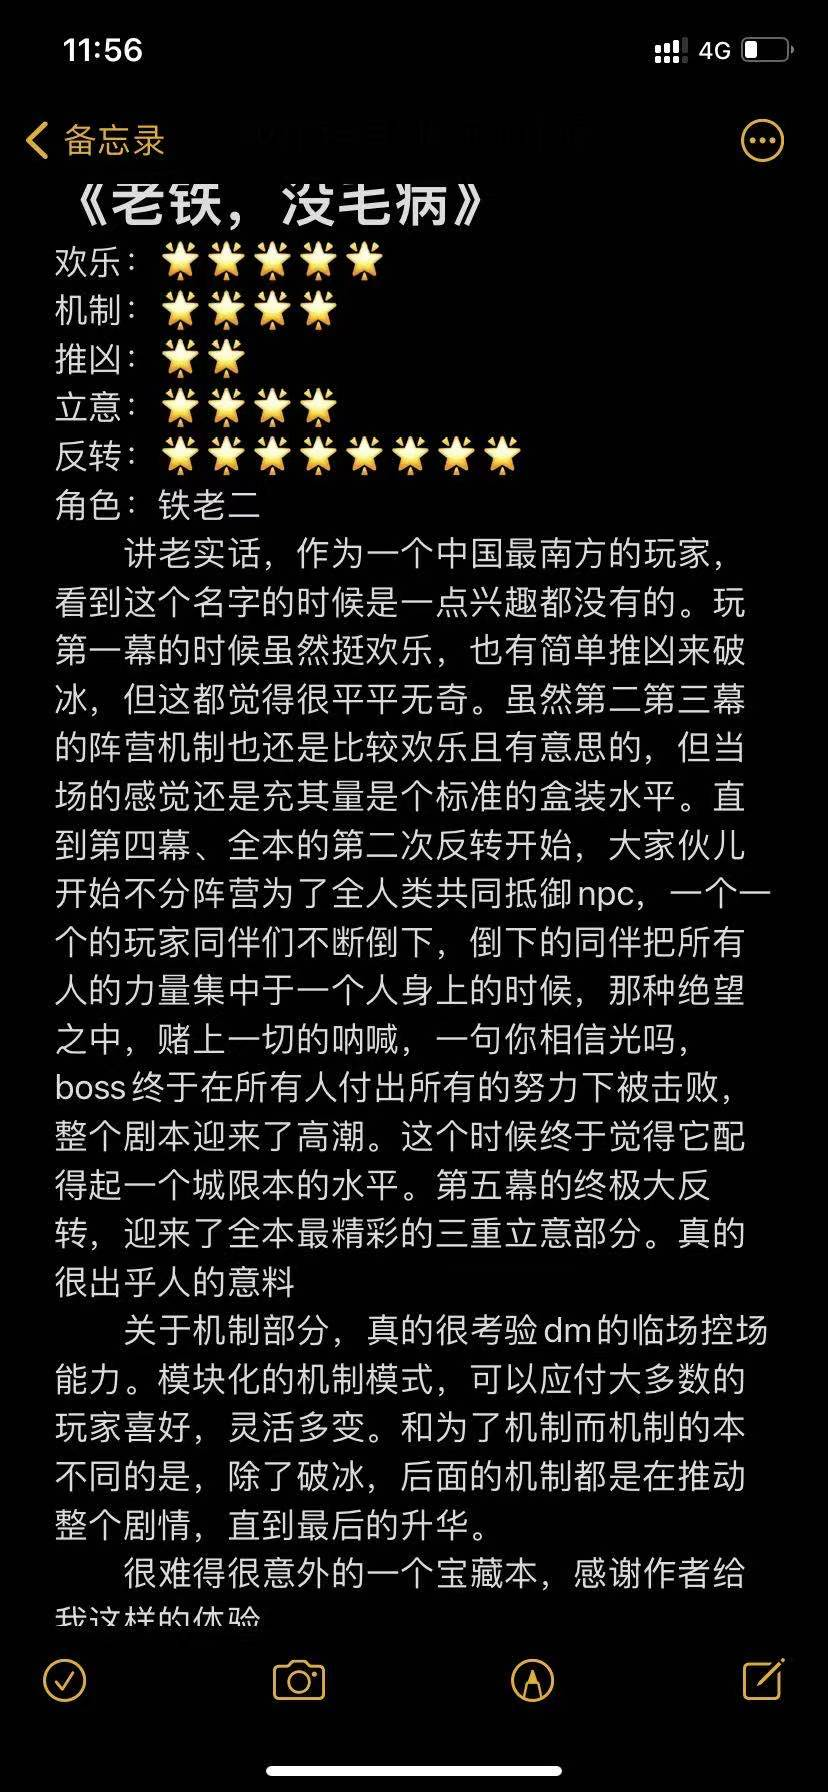 『老铁没毛病』剧本杀复盘凶手真相解析